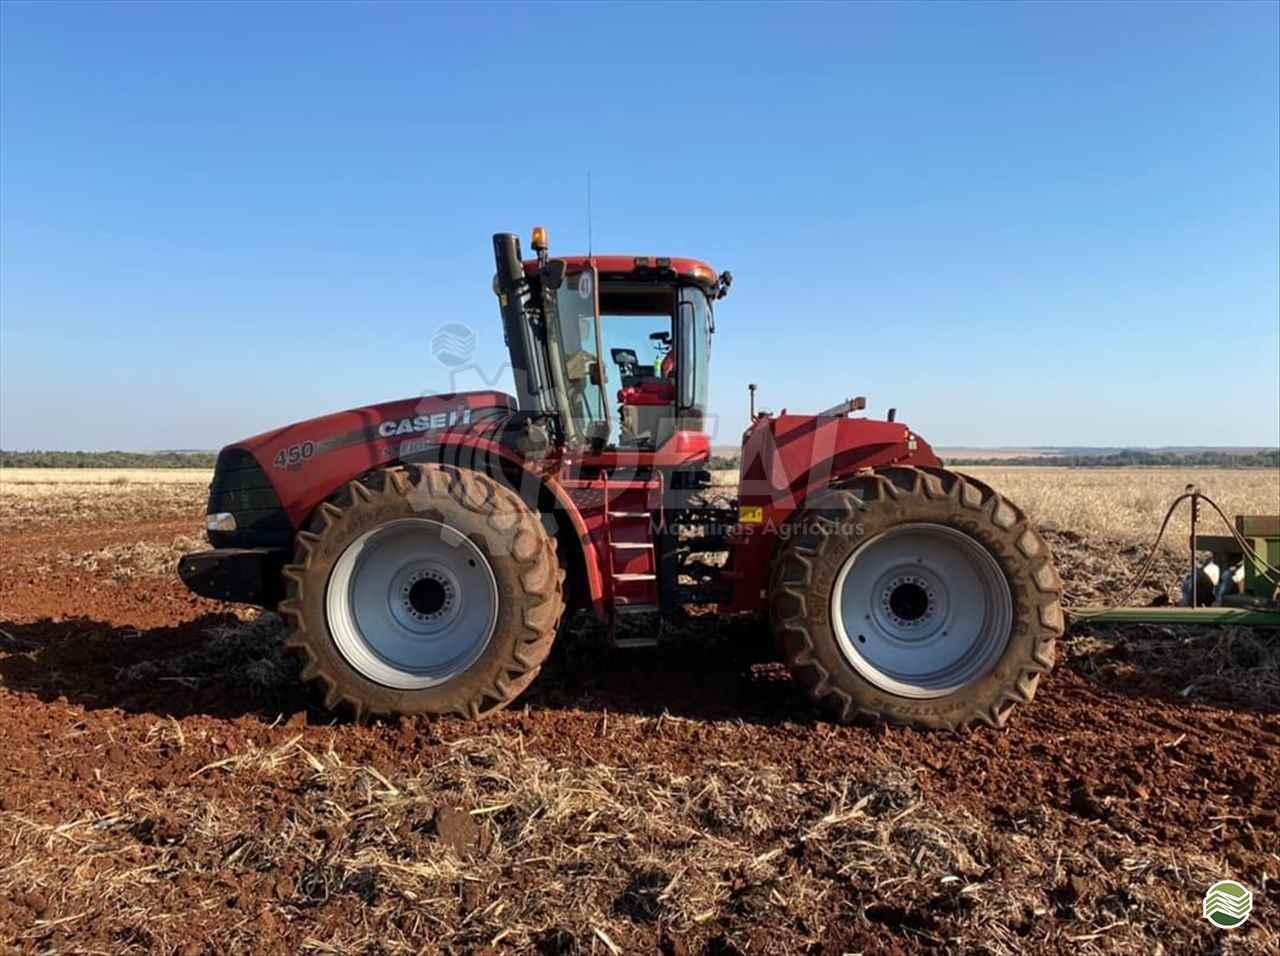 TRATOR CASE CASE Steiger 450 Tração 4x4 Ideal Máquinas Agrícolas SAO GONCALO DO SAPUCAI MINAS GERAIS MG